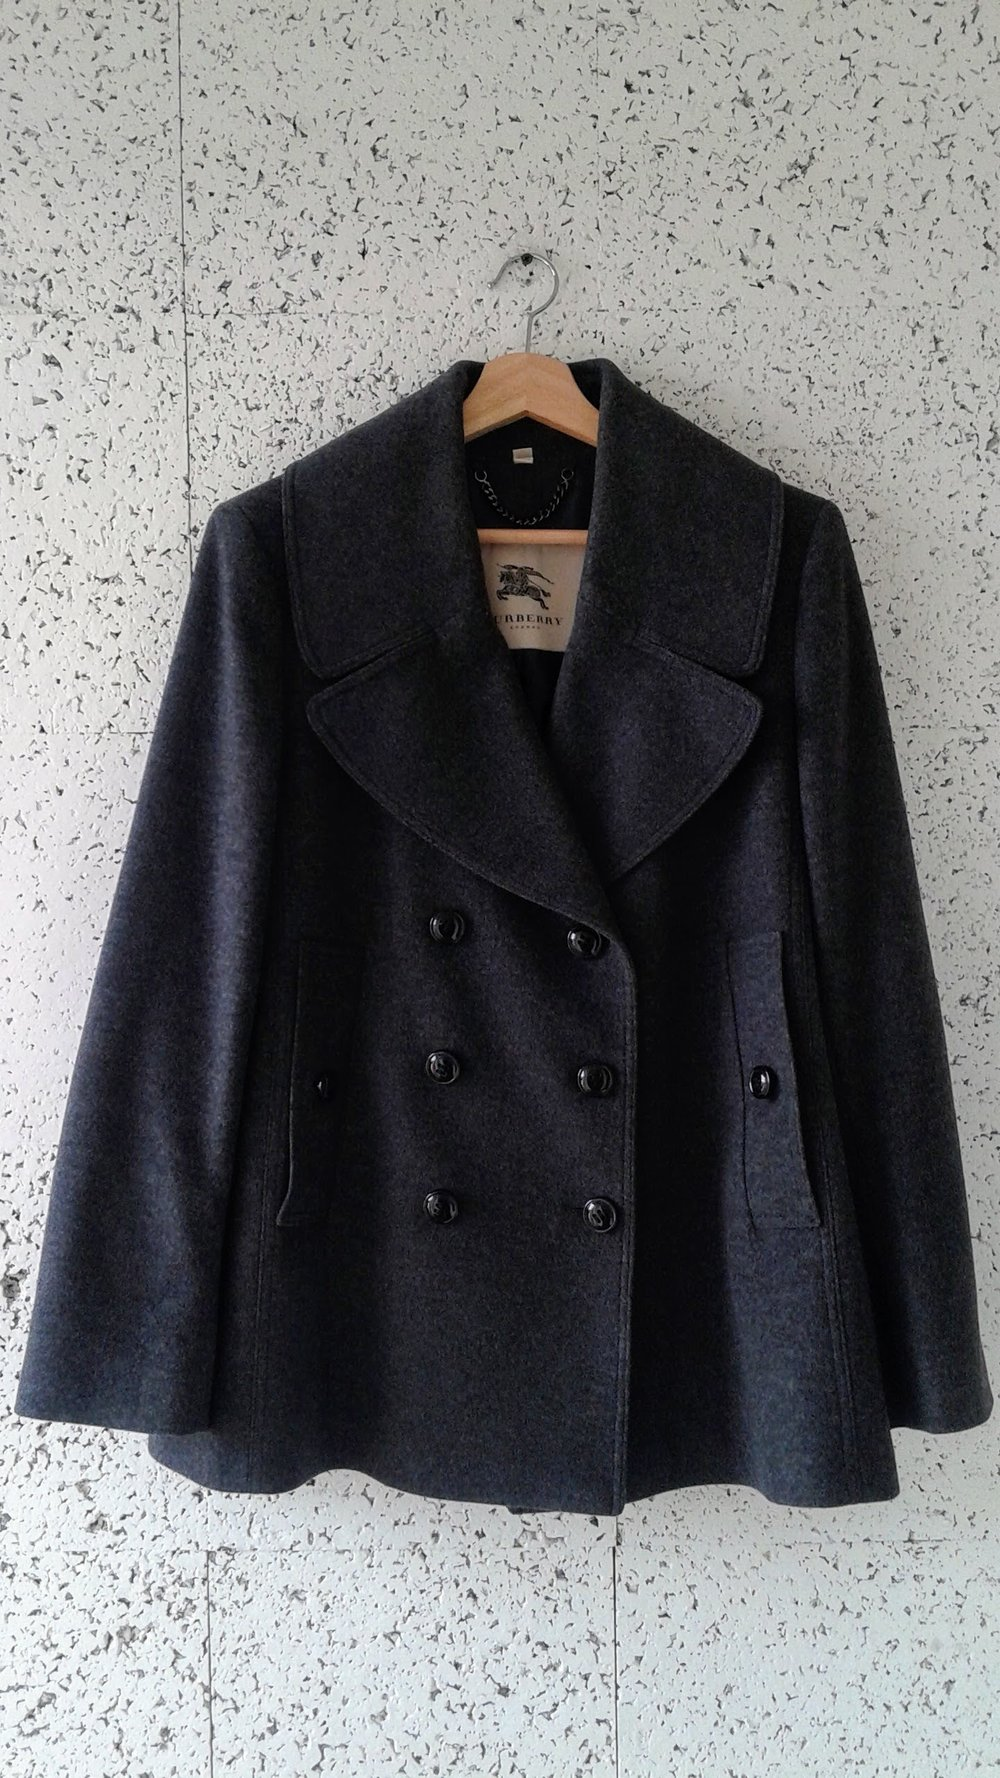 Burberry coat; Size 14, $325